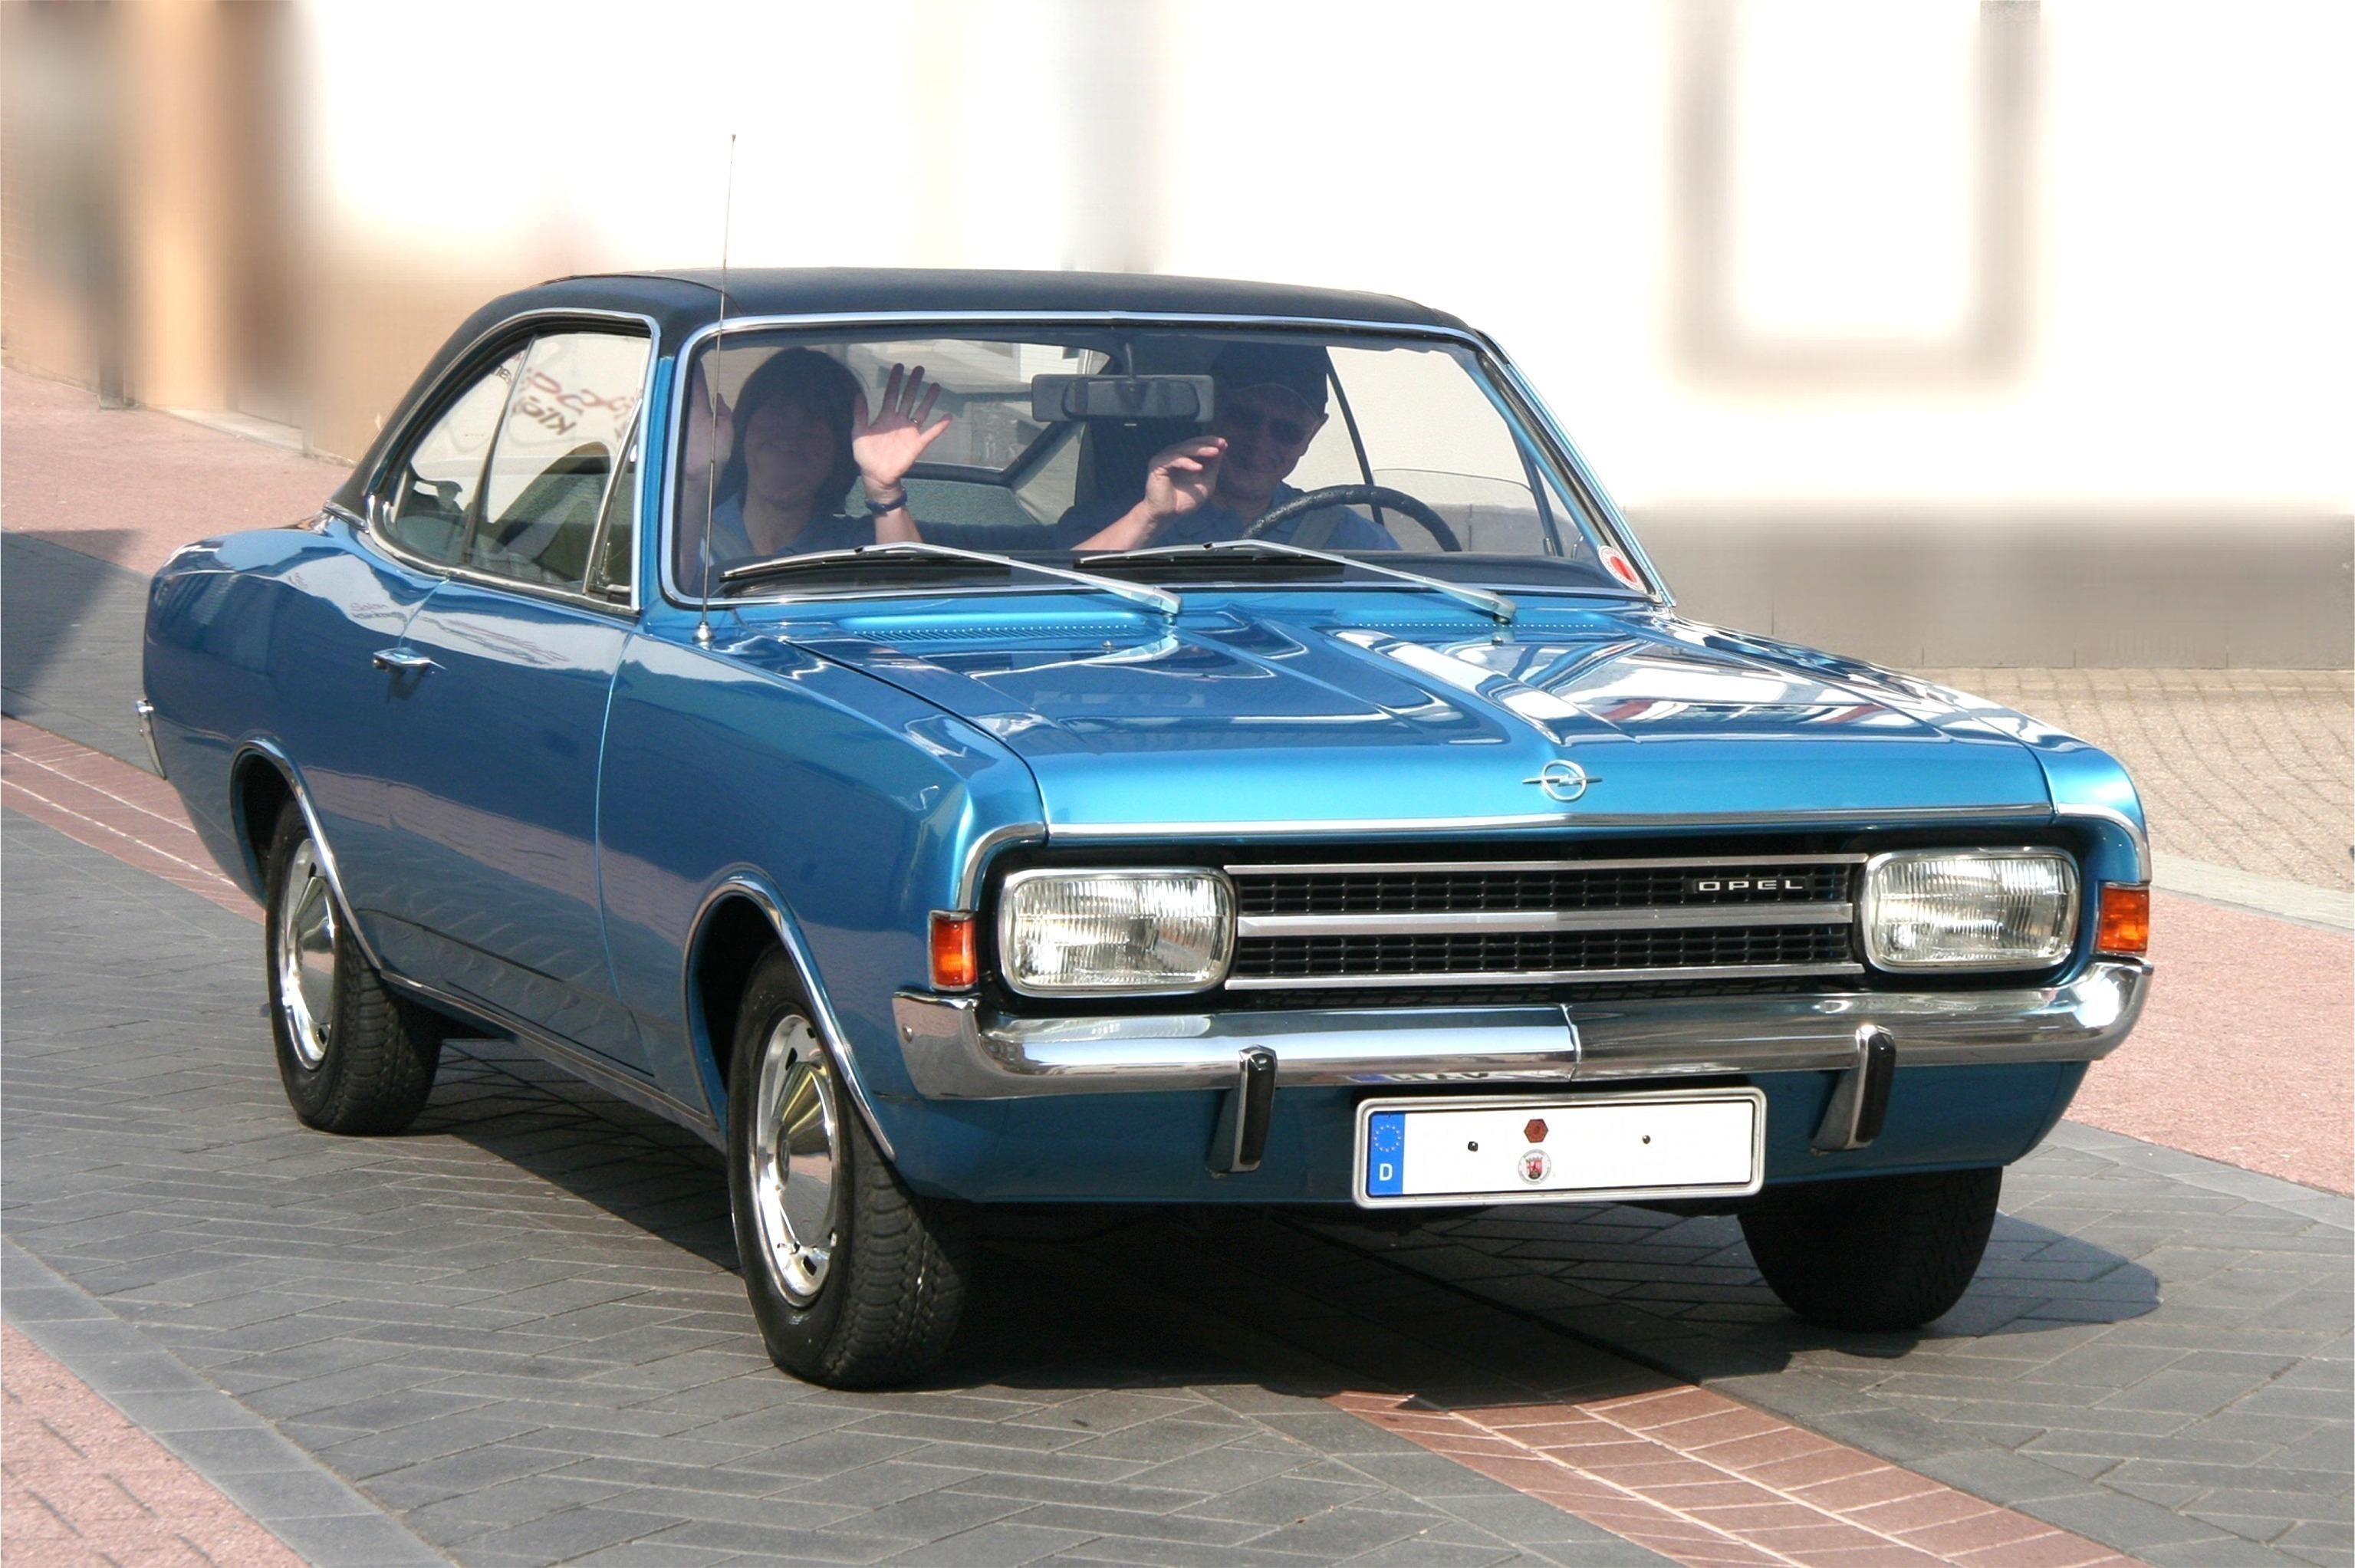 Azbuka automobila - Page 5 Opel_rekord_1900_l2c_0qr8a